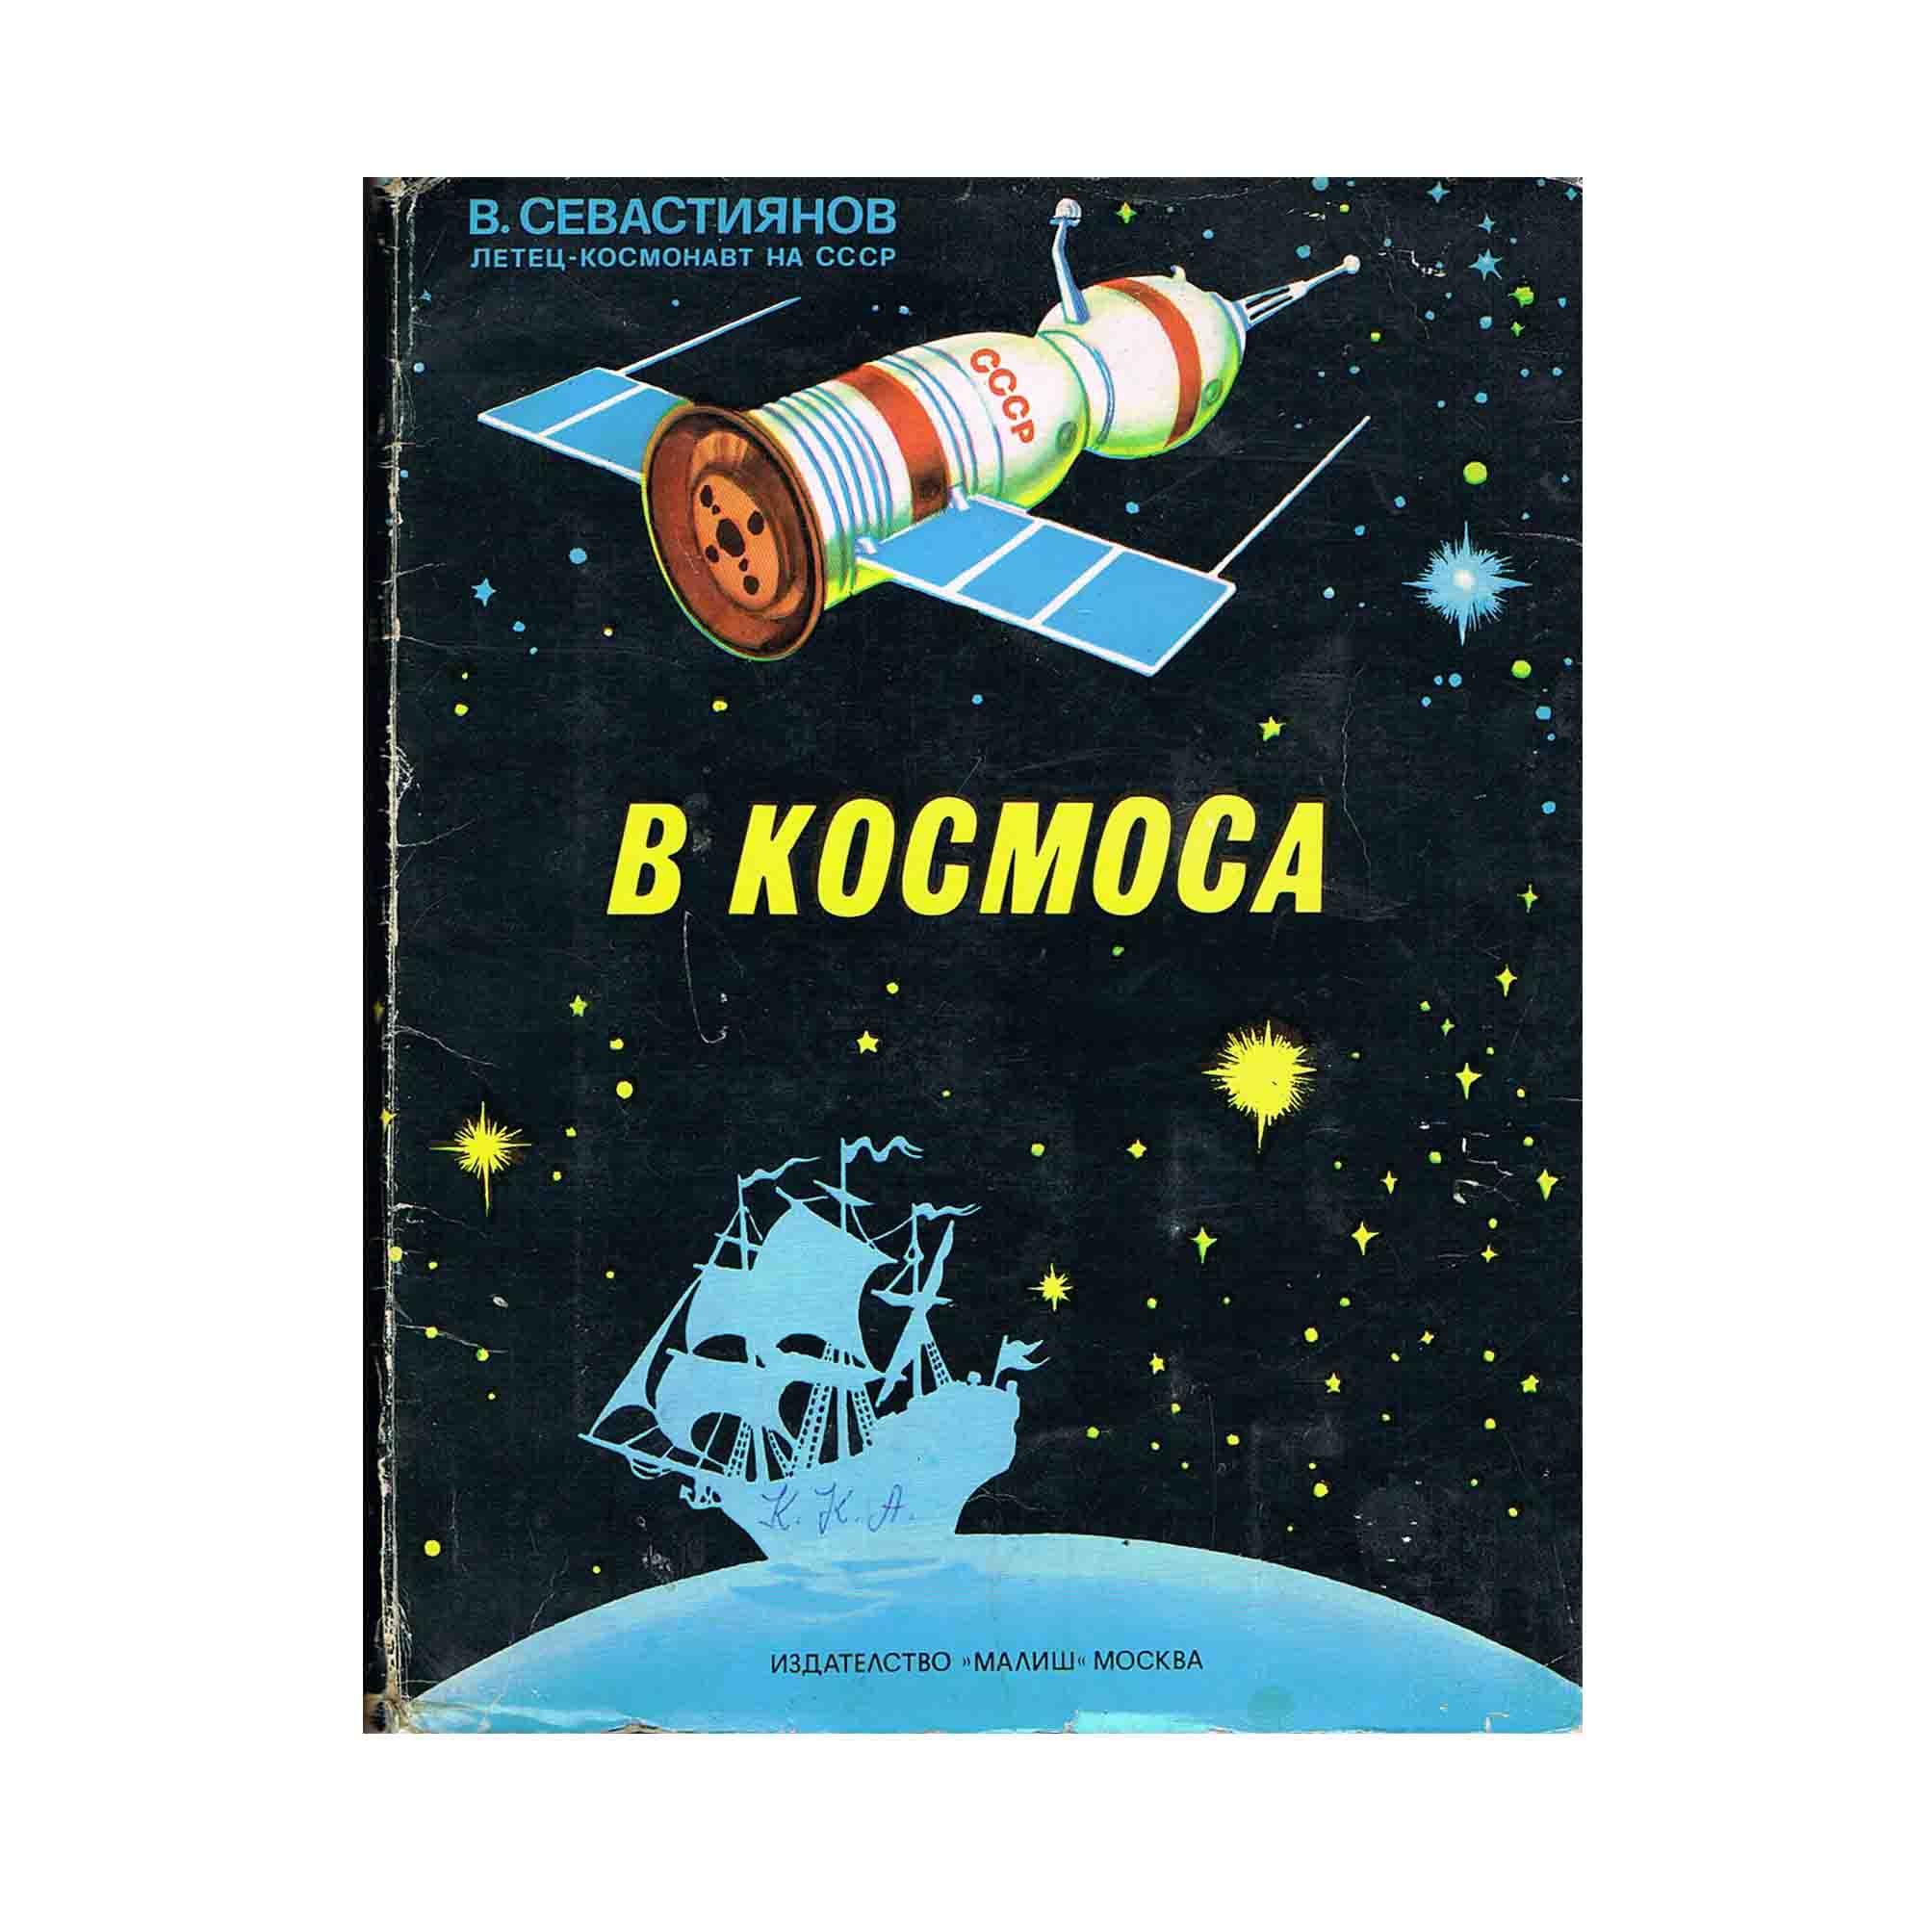 5093 Sevastyanov Beslik Kosmosa 1979 title A N